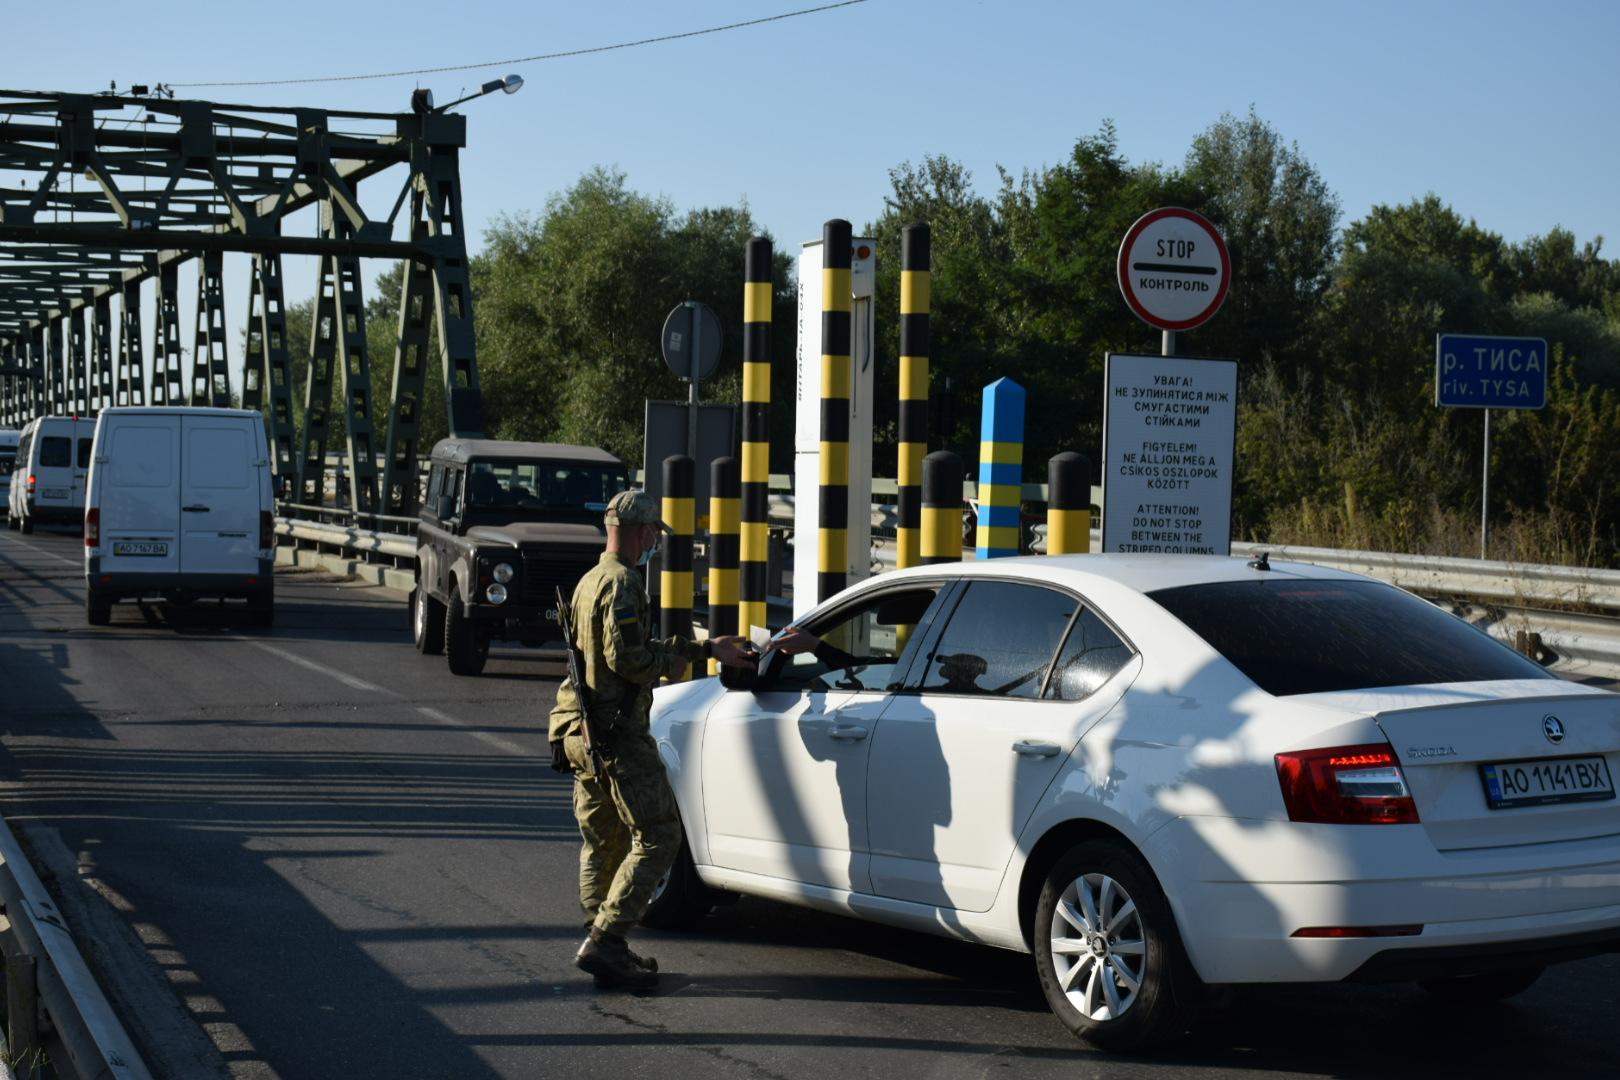 Прикордонники озвучили важливе повідомлення для тих, хто їде в Угорщину